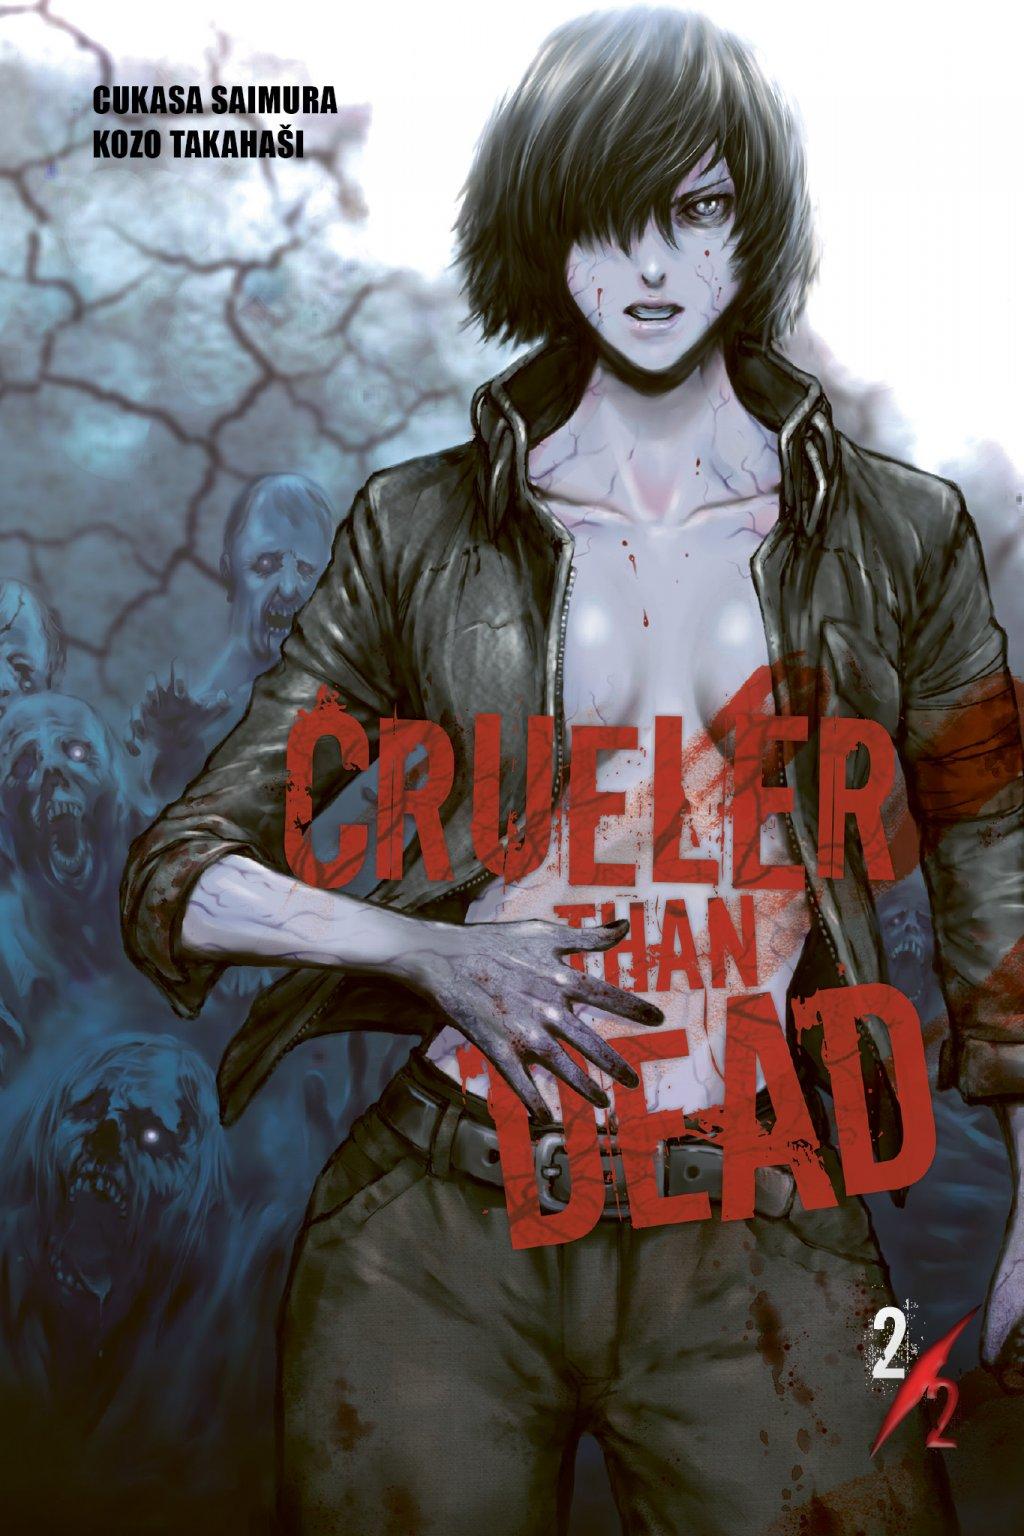 Crueler than Dead 2